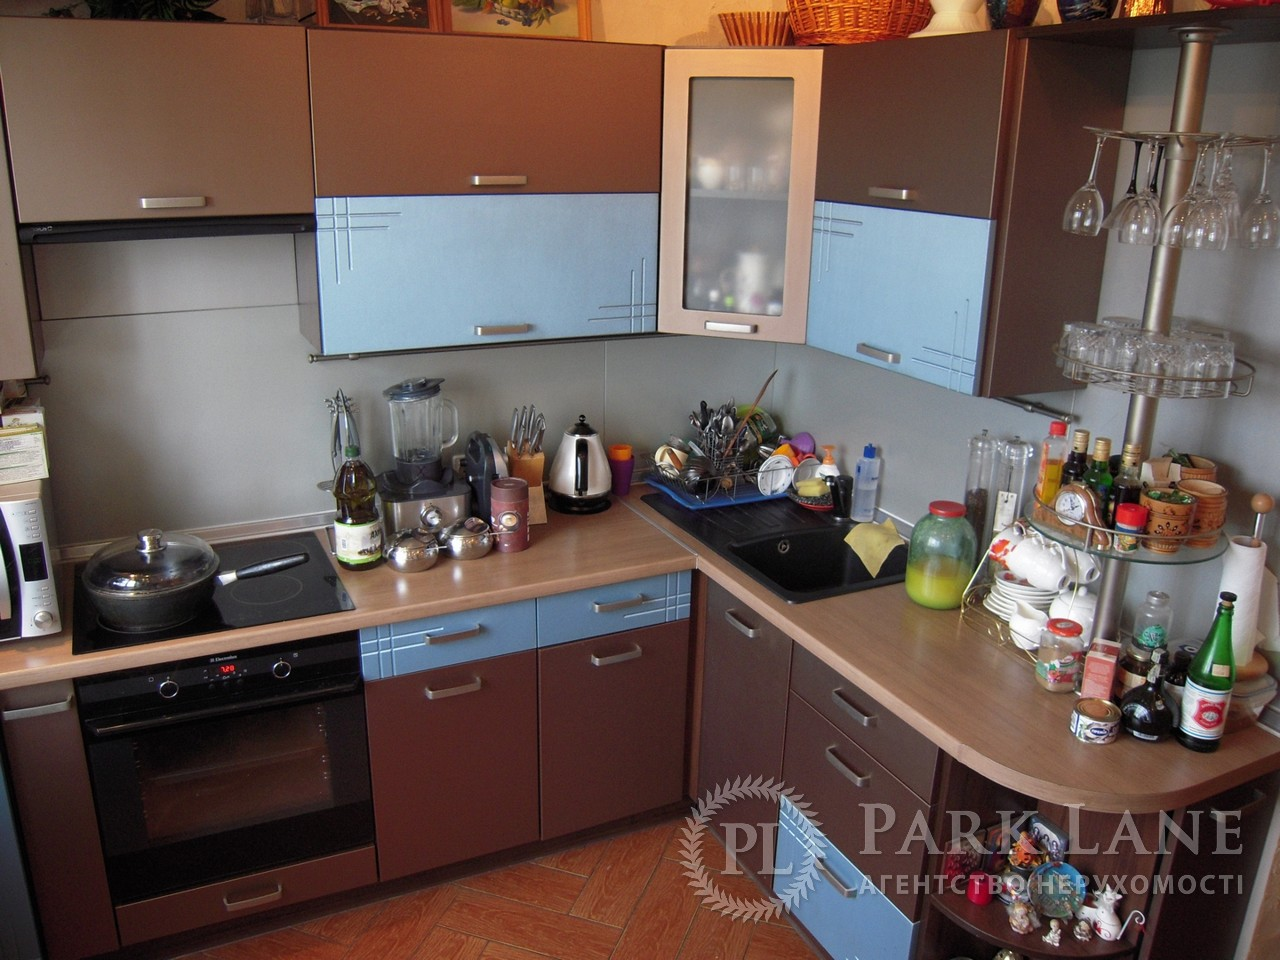 Квартира Харьковское шоссе, 146, Киев, Q-479 - Фото 6